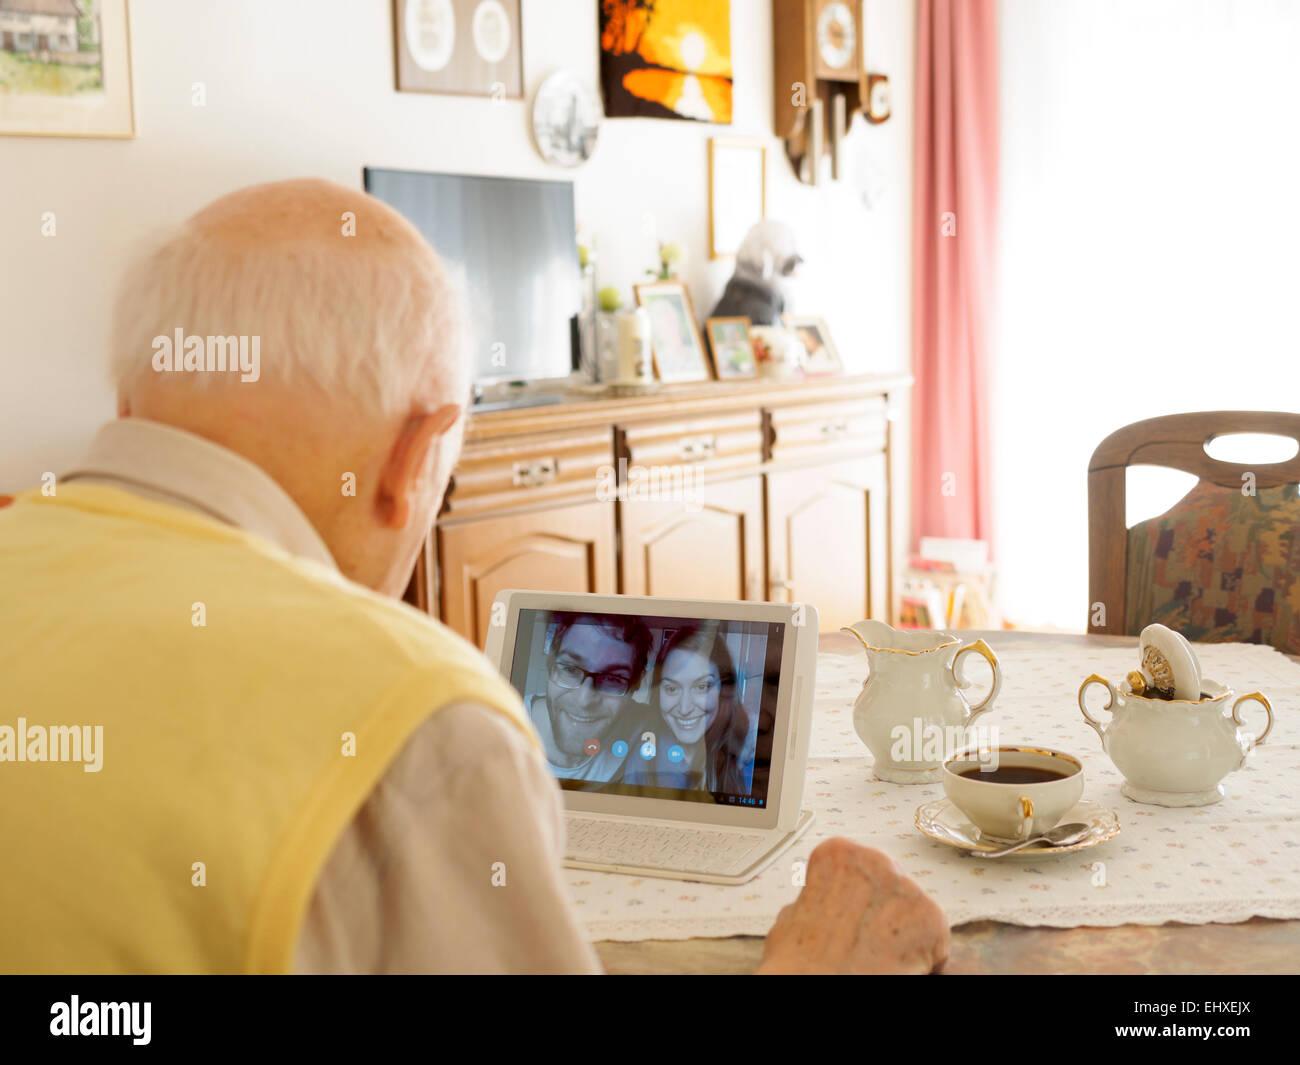 Grand-père avec ses petits-enfants via vidéoconférence digital tablet Photo Stock